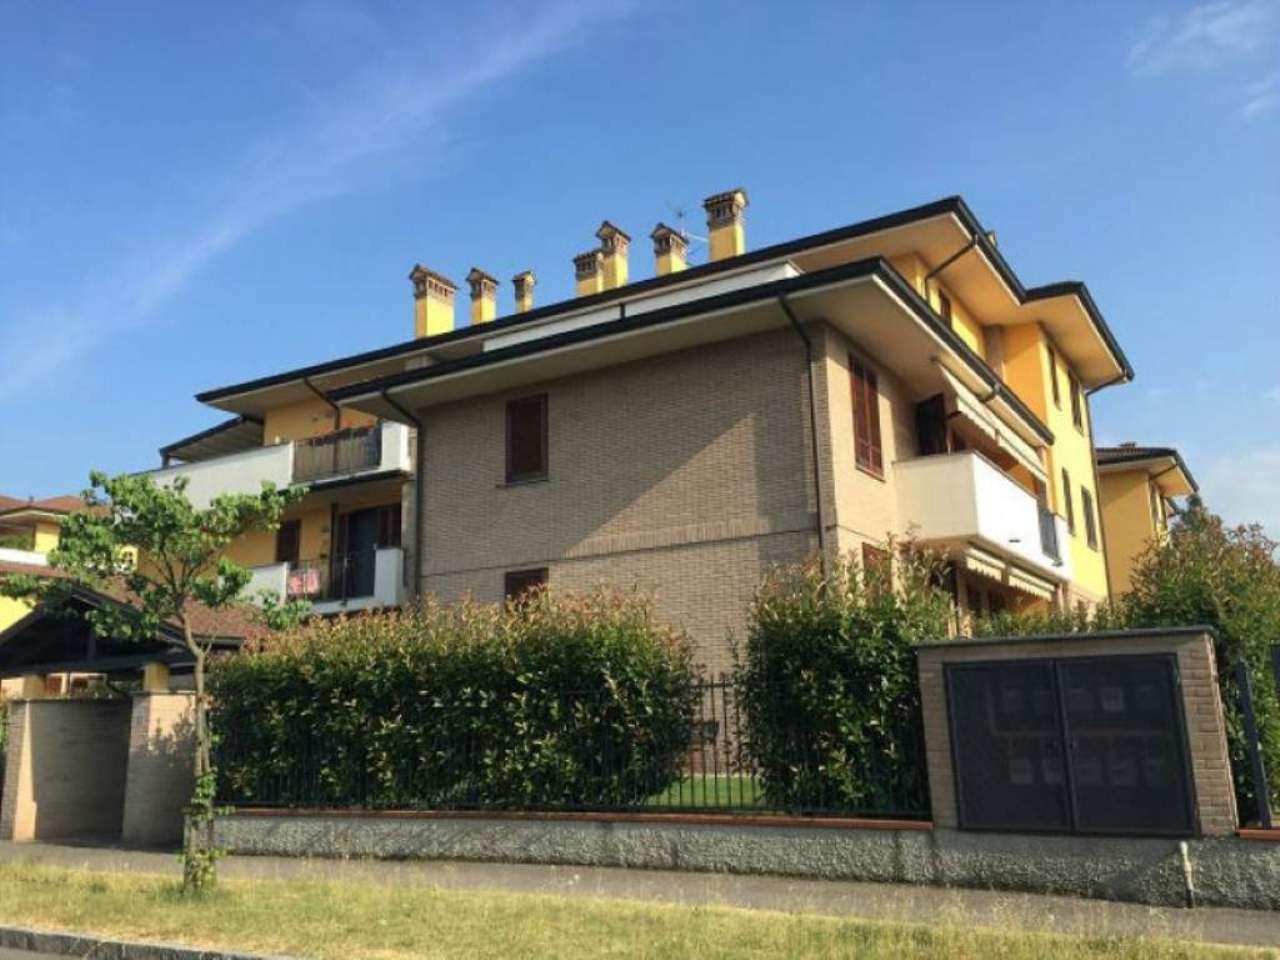 Appartamento in vendita a San Martino in Strada, 3 locali, prezzo € 130.000   Cambio Casa.it